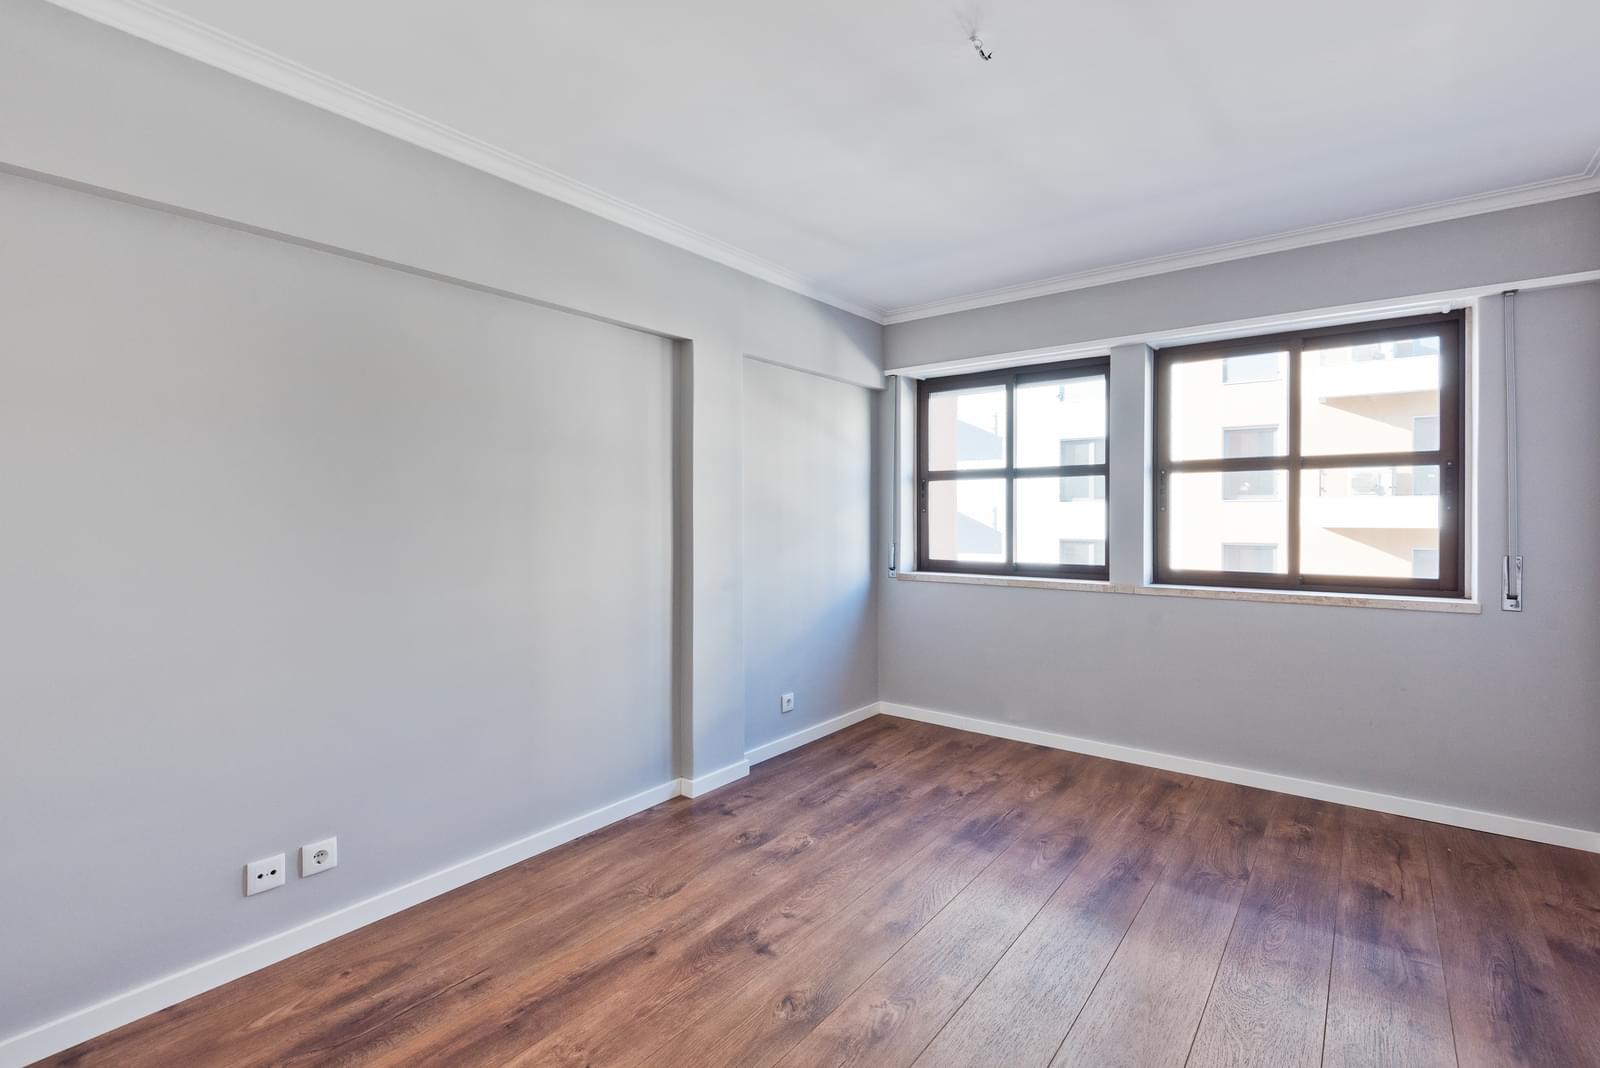 pf18963-apartamento-t5-cascais-c216c339-ea42-446b-8fa8-5c31997fca3e